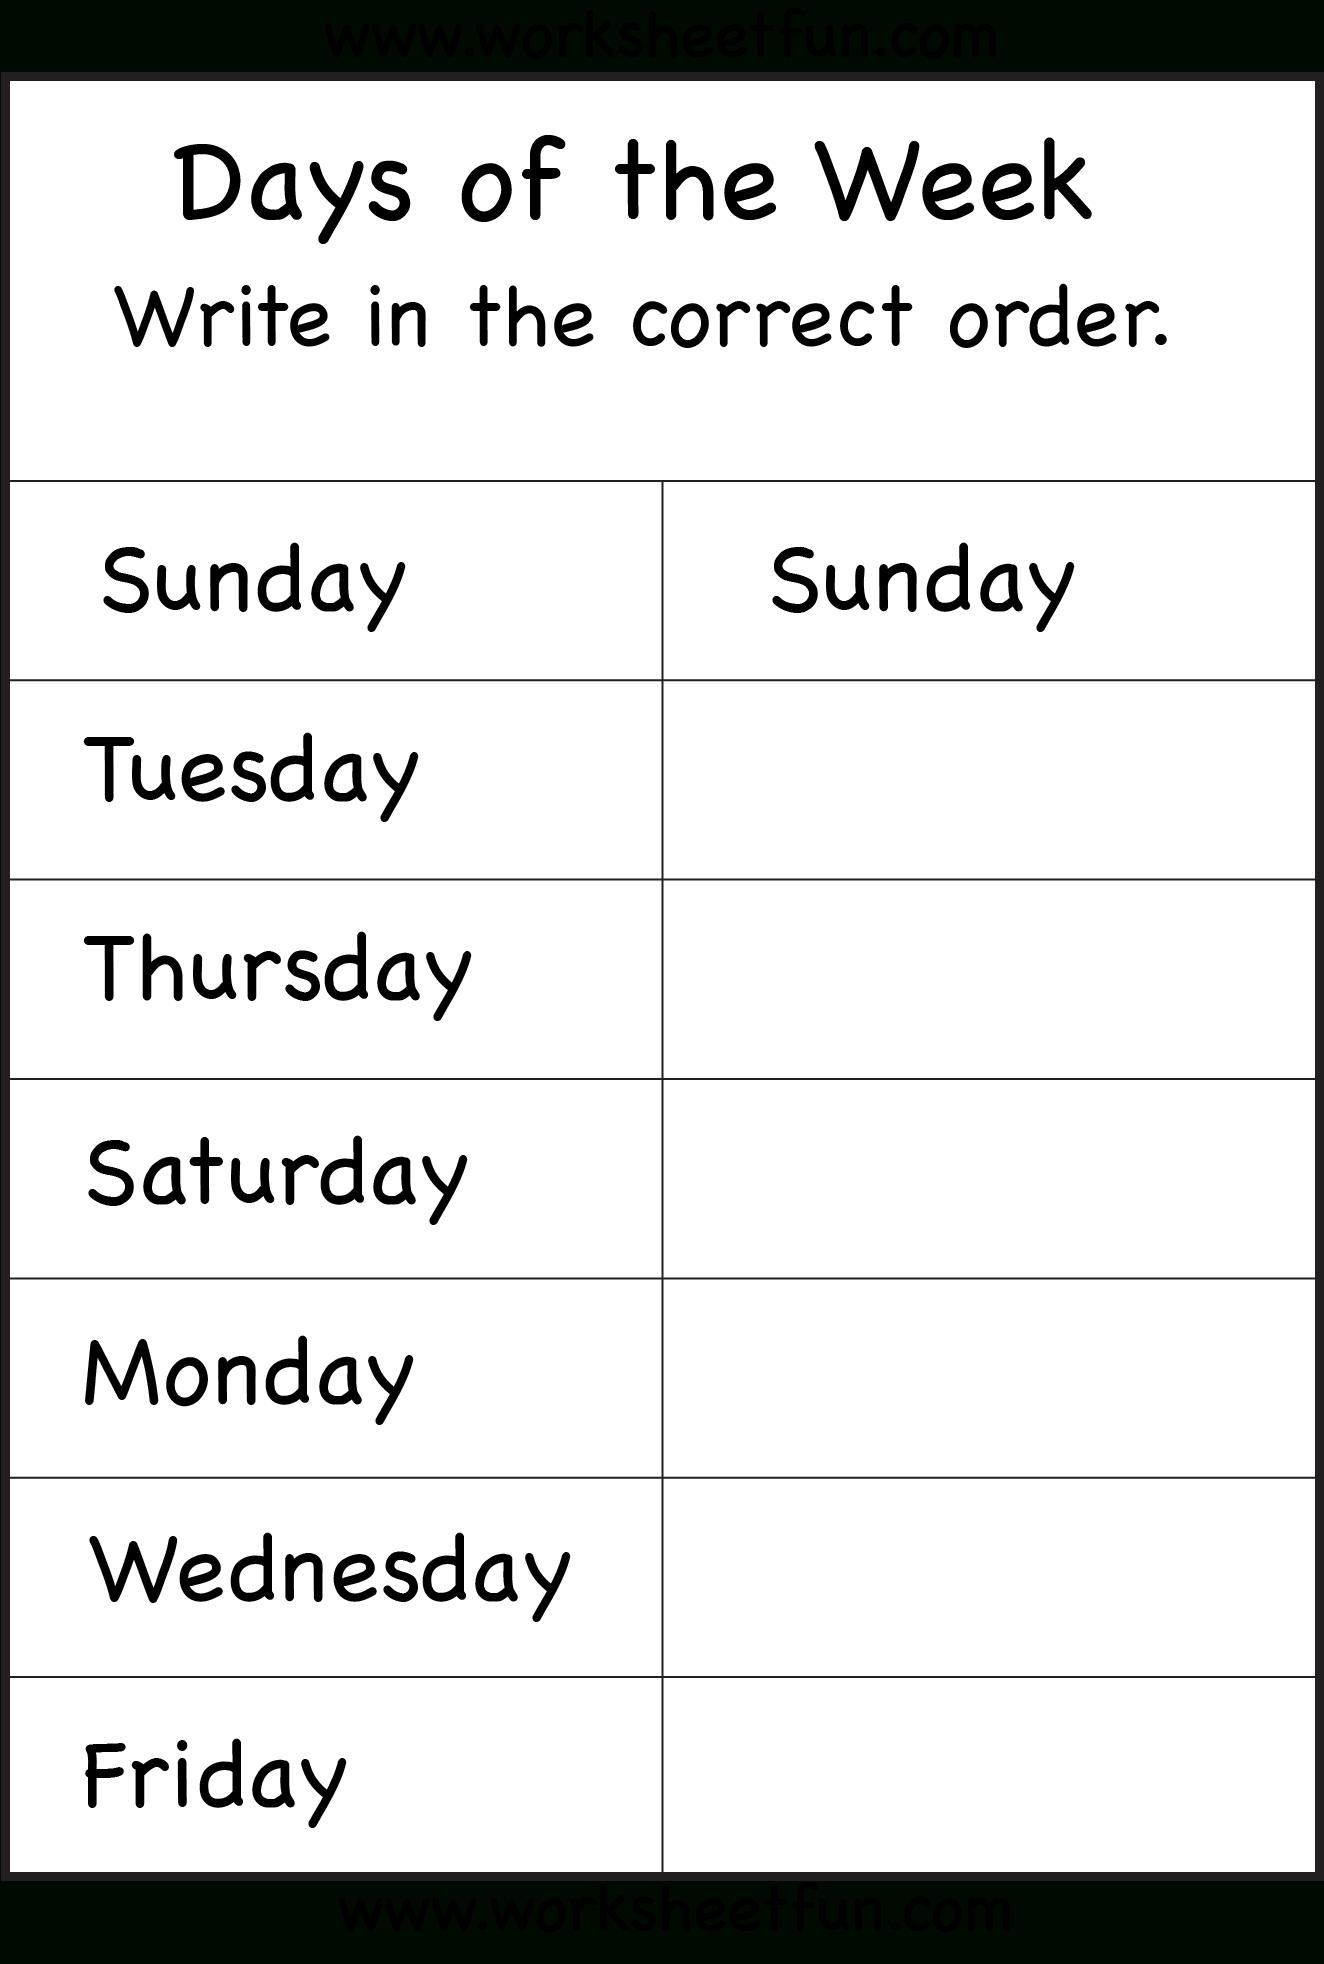 Days Of The Week – 1 Worksheet / Free Printable Worksheets - Free Printable Days Of The Week